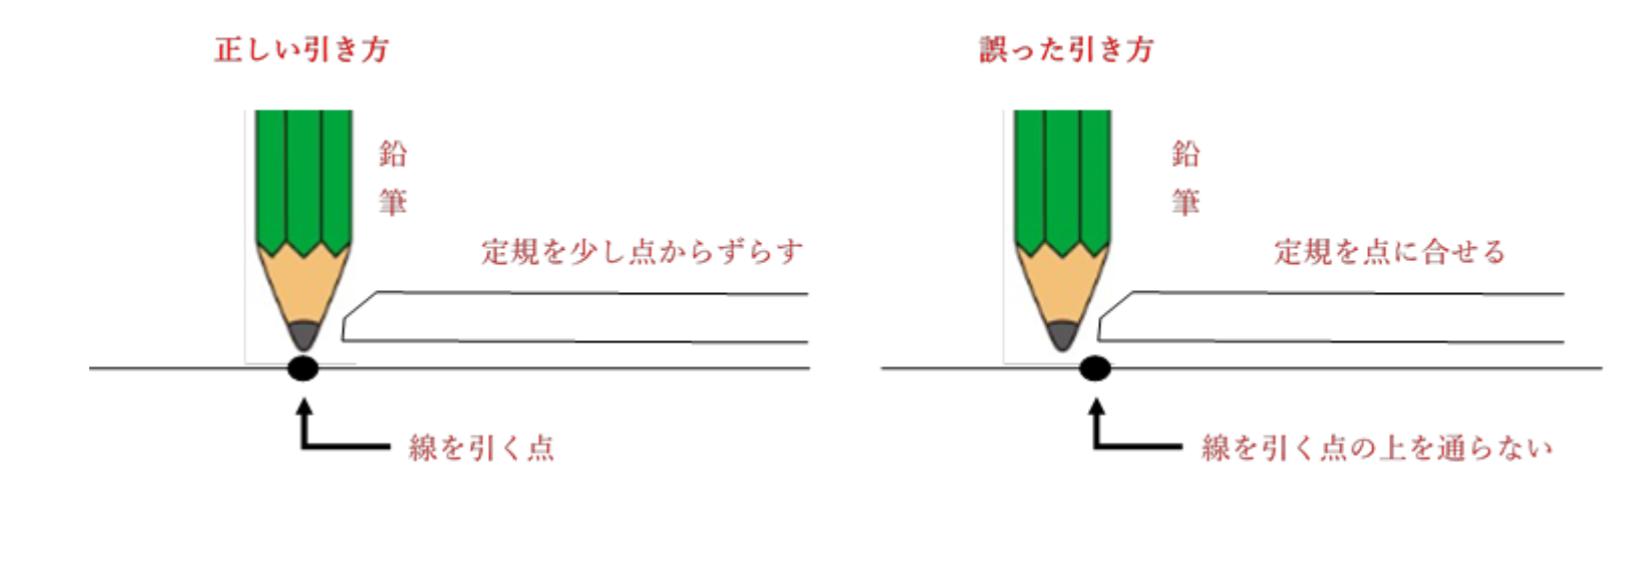 海図用具(鉛筆と消しゴム)の使い方